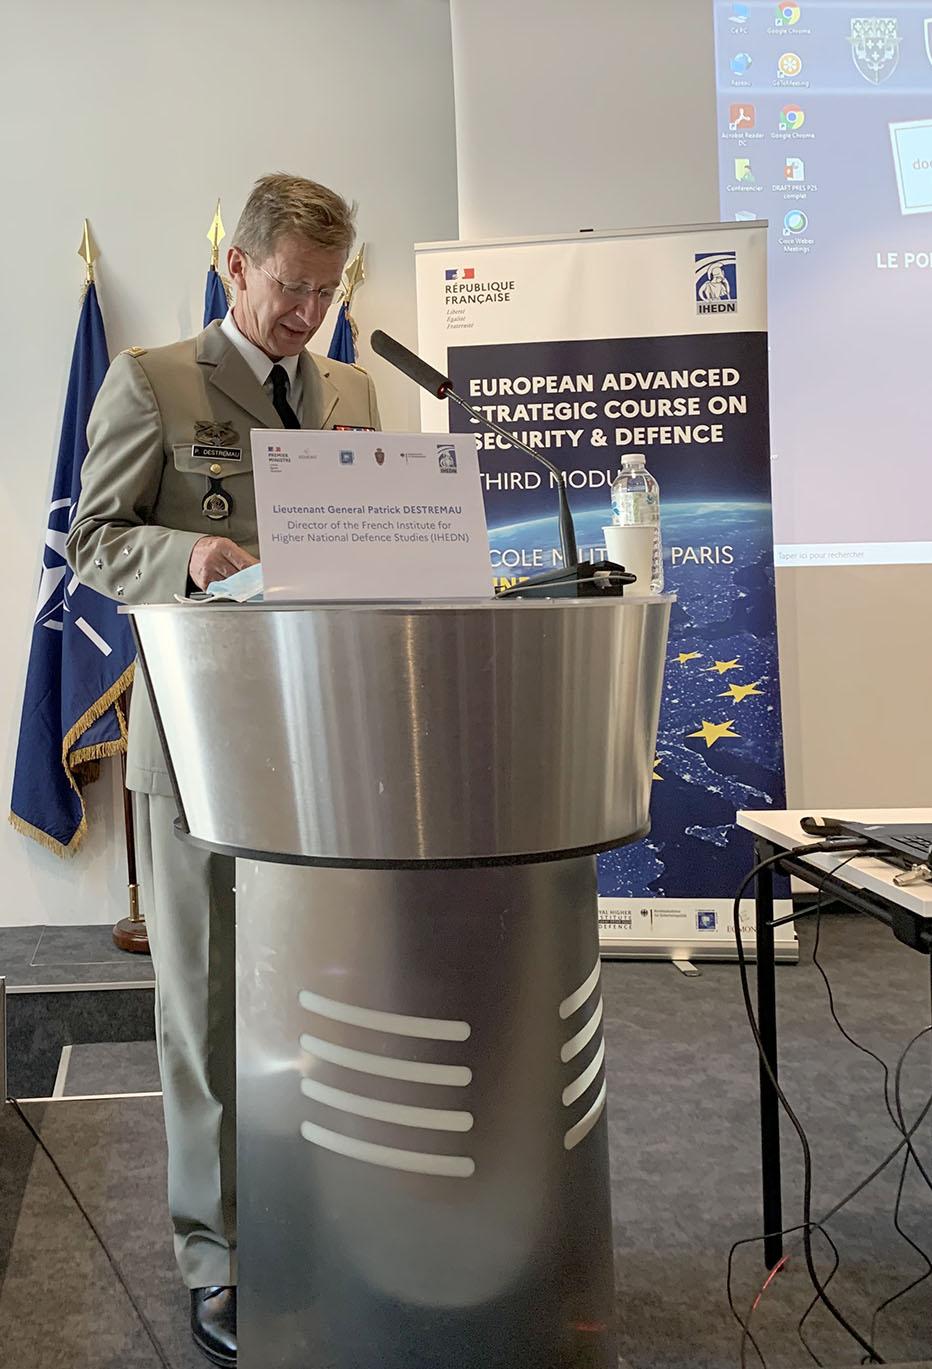 © Première édition du « Cours stratégique avancé européen » en sécurité et de défense